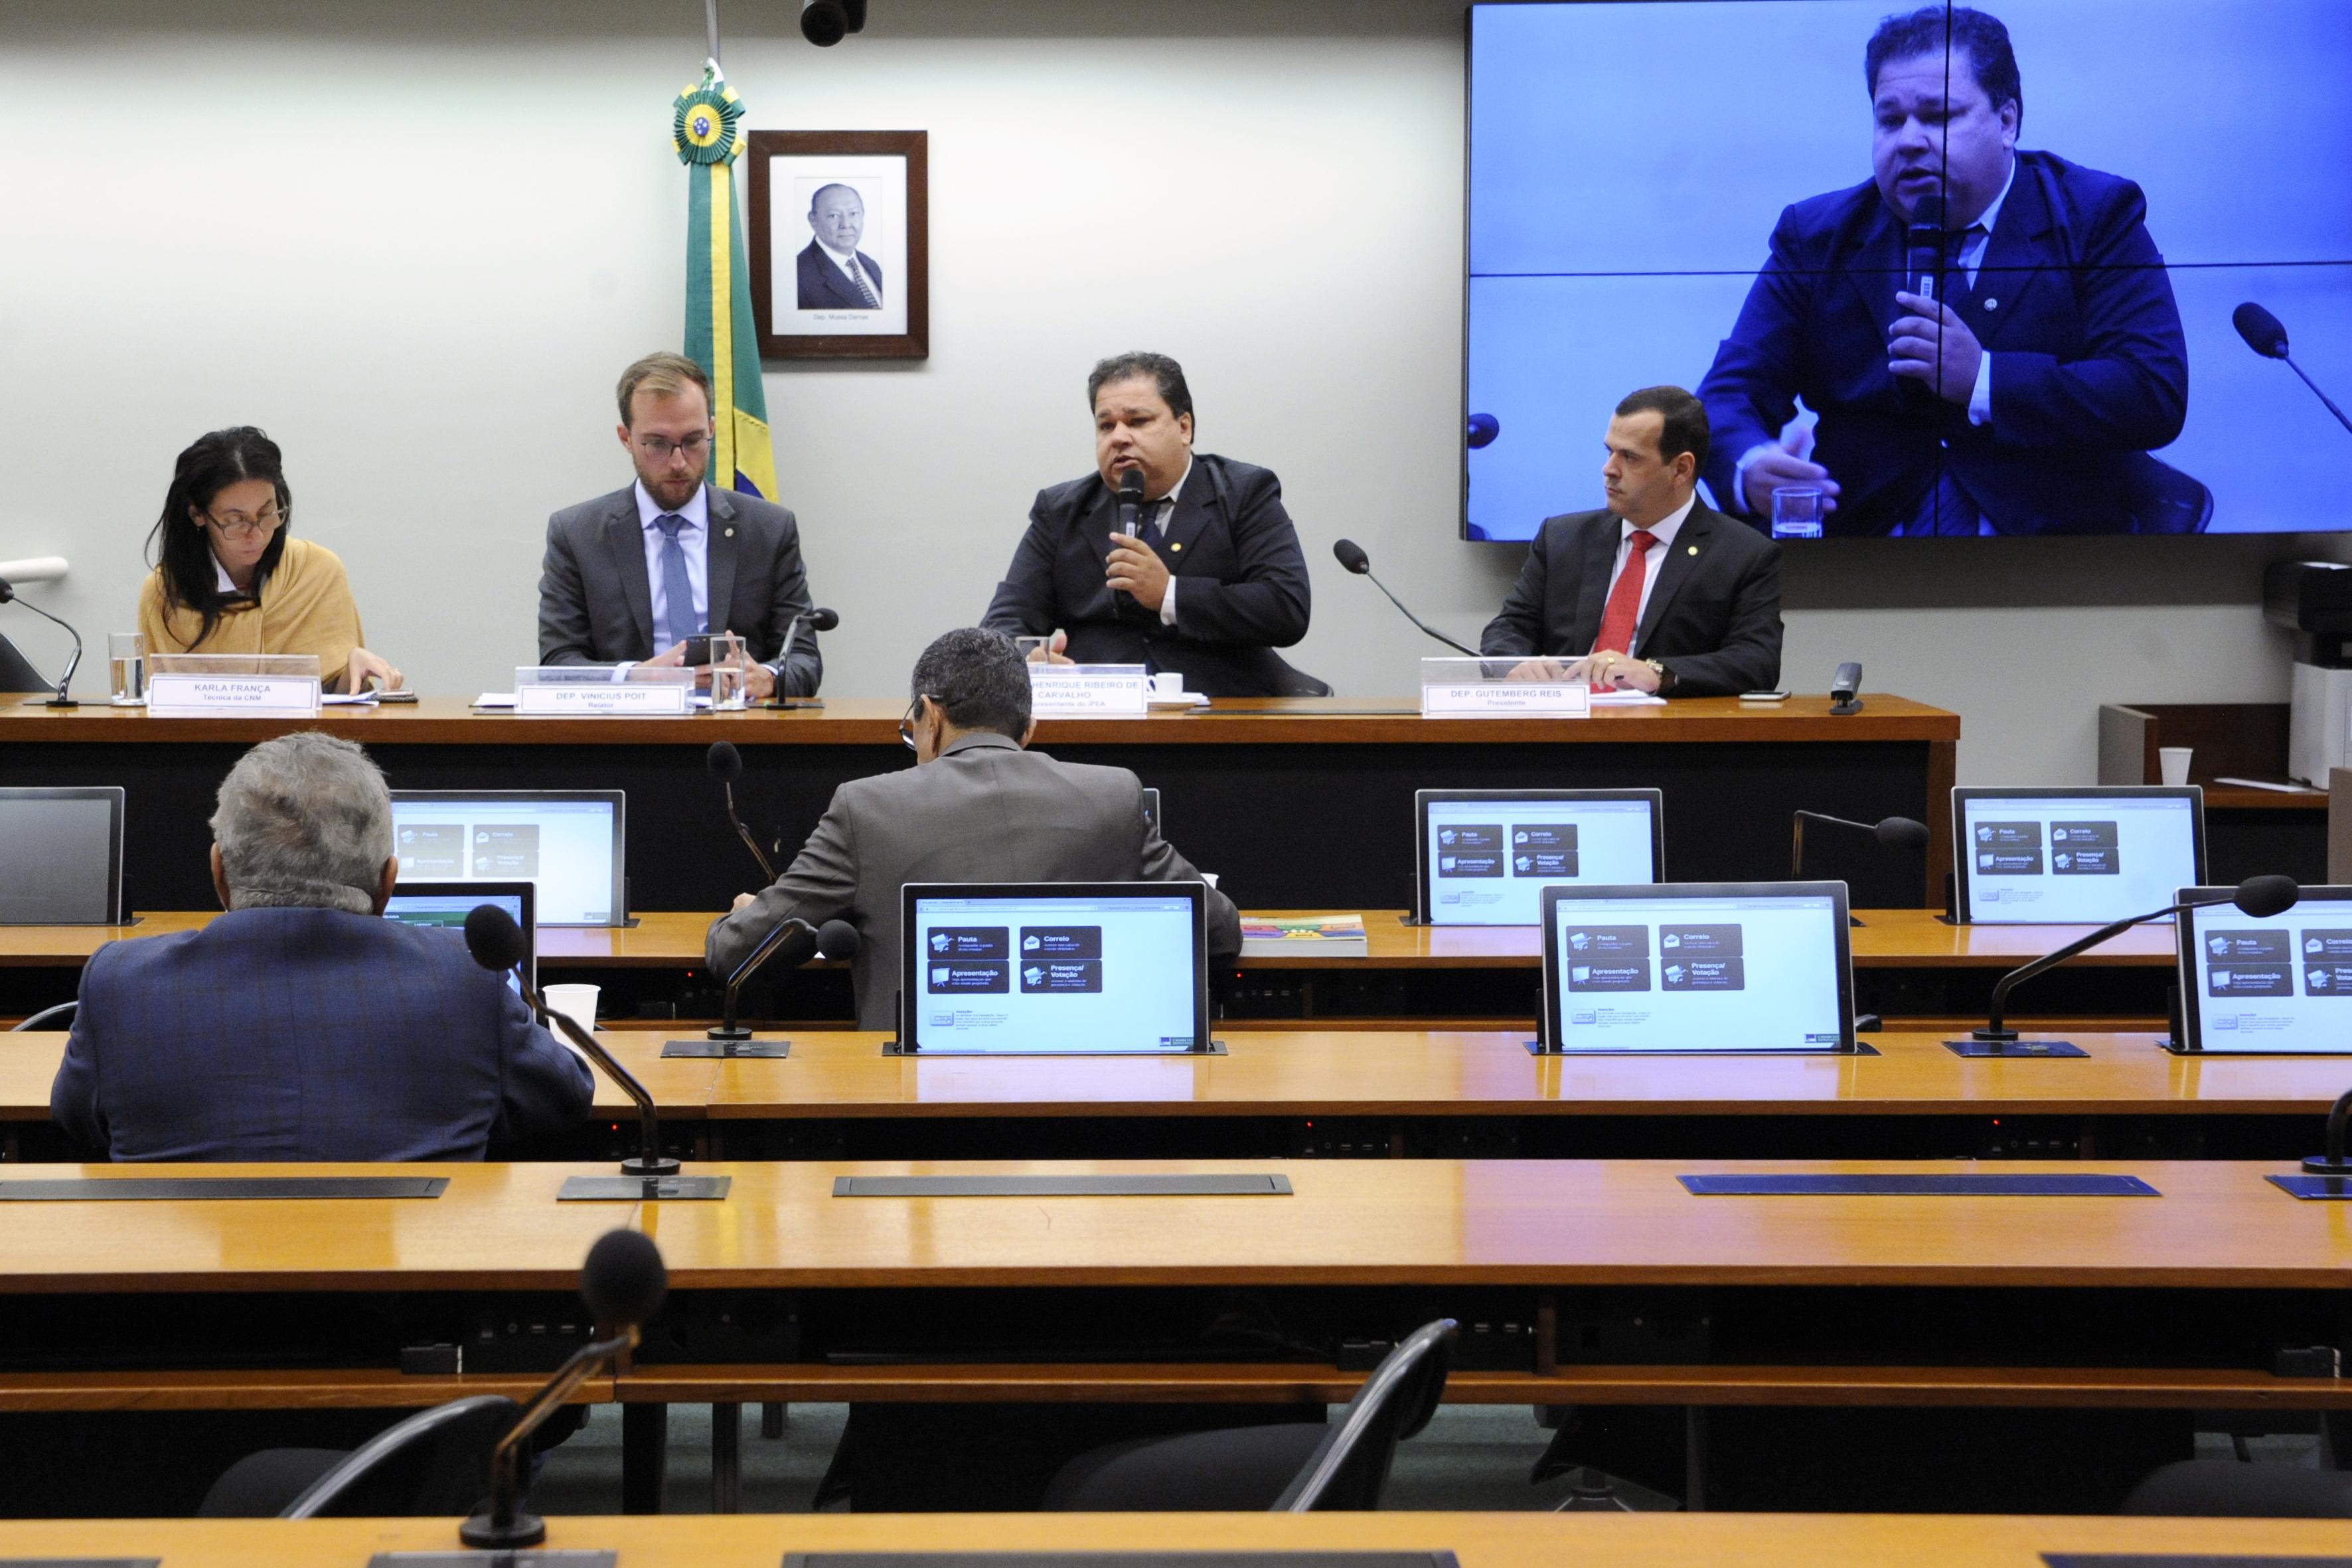 Audiência pública sobre a gestão da mobilidade nas regiões metropolitanas brasileiras - desafios e soluções possíveis